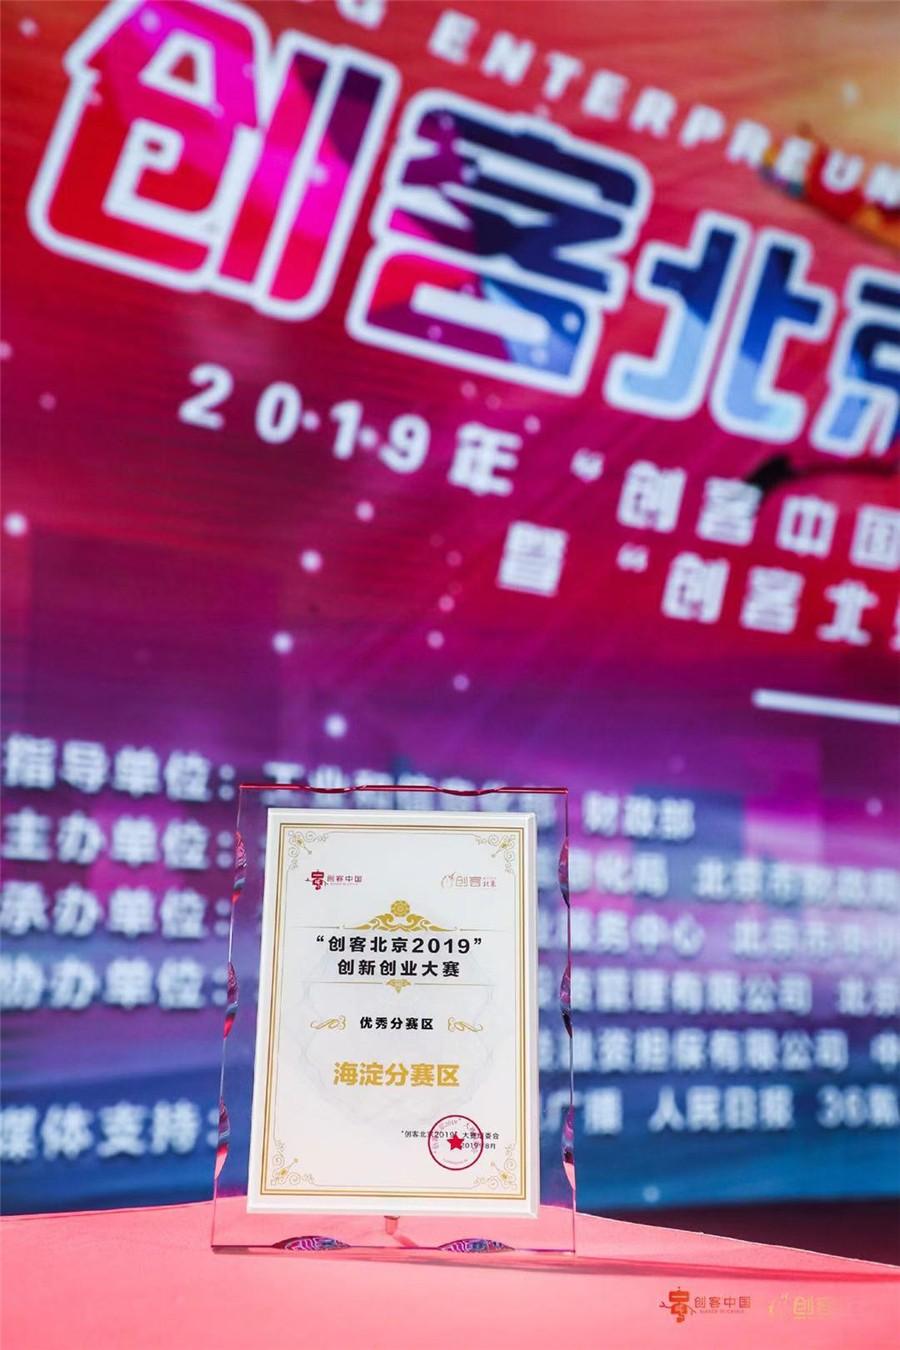 """20190814获奖企业占全市三分之一,海淀赛区在""""创客北京2019""""创新创业大赛中斩获佳绩6.jpg"""